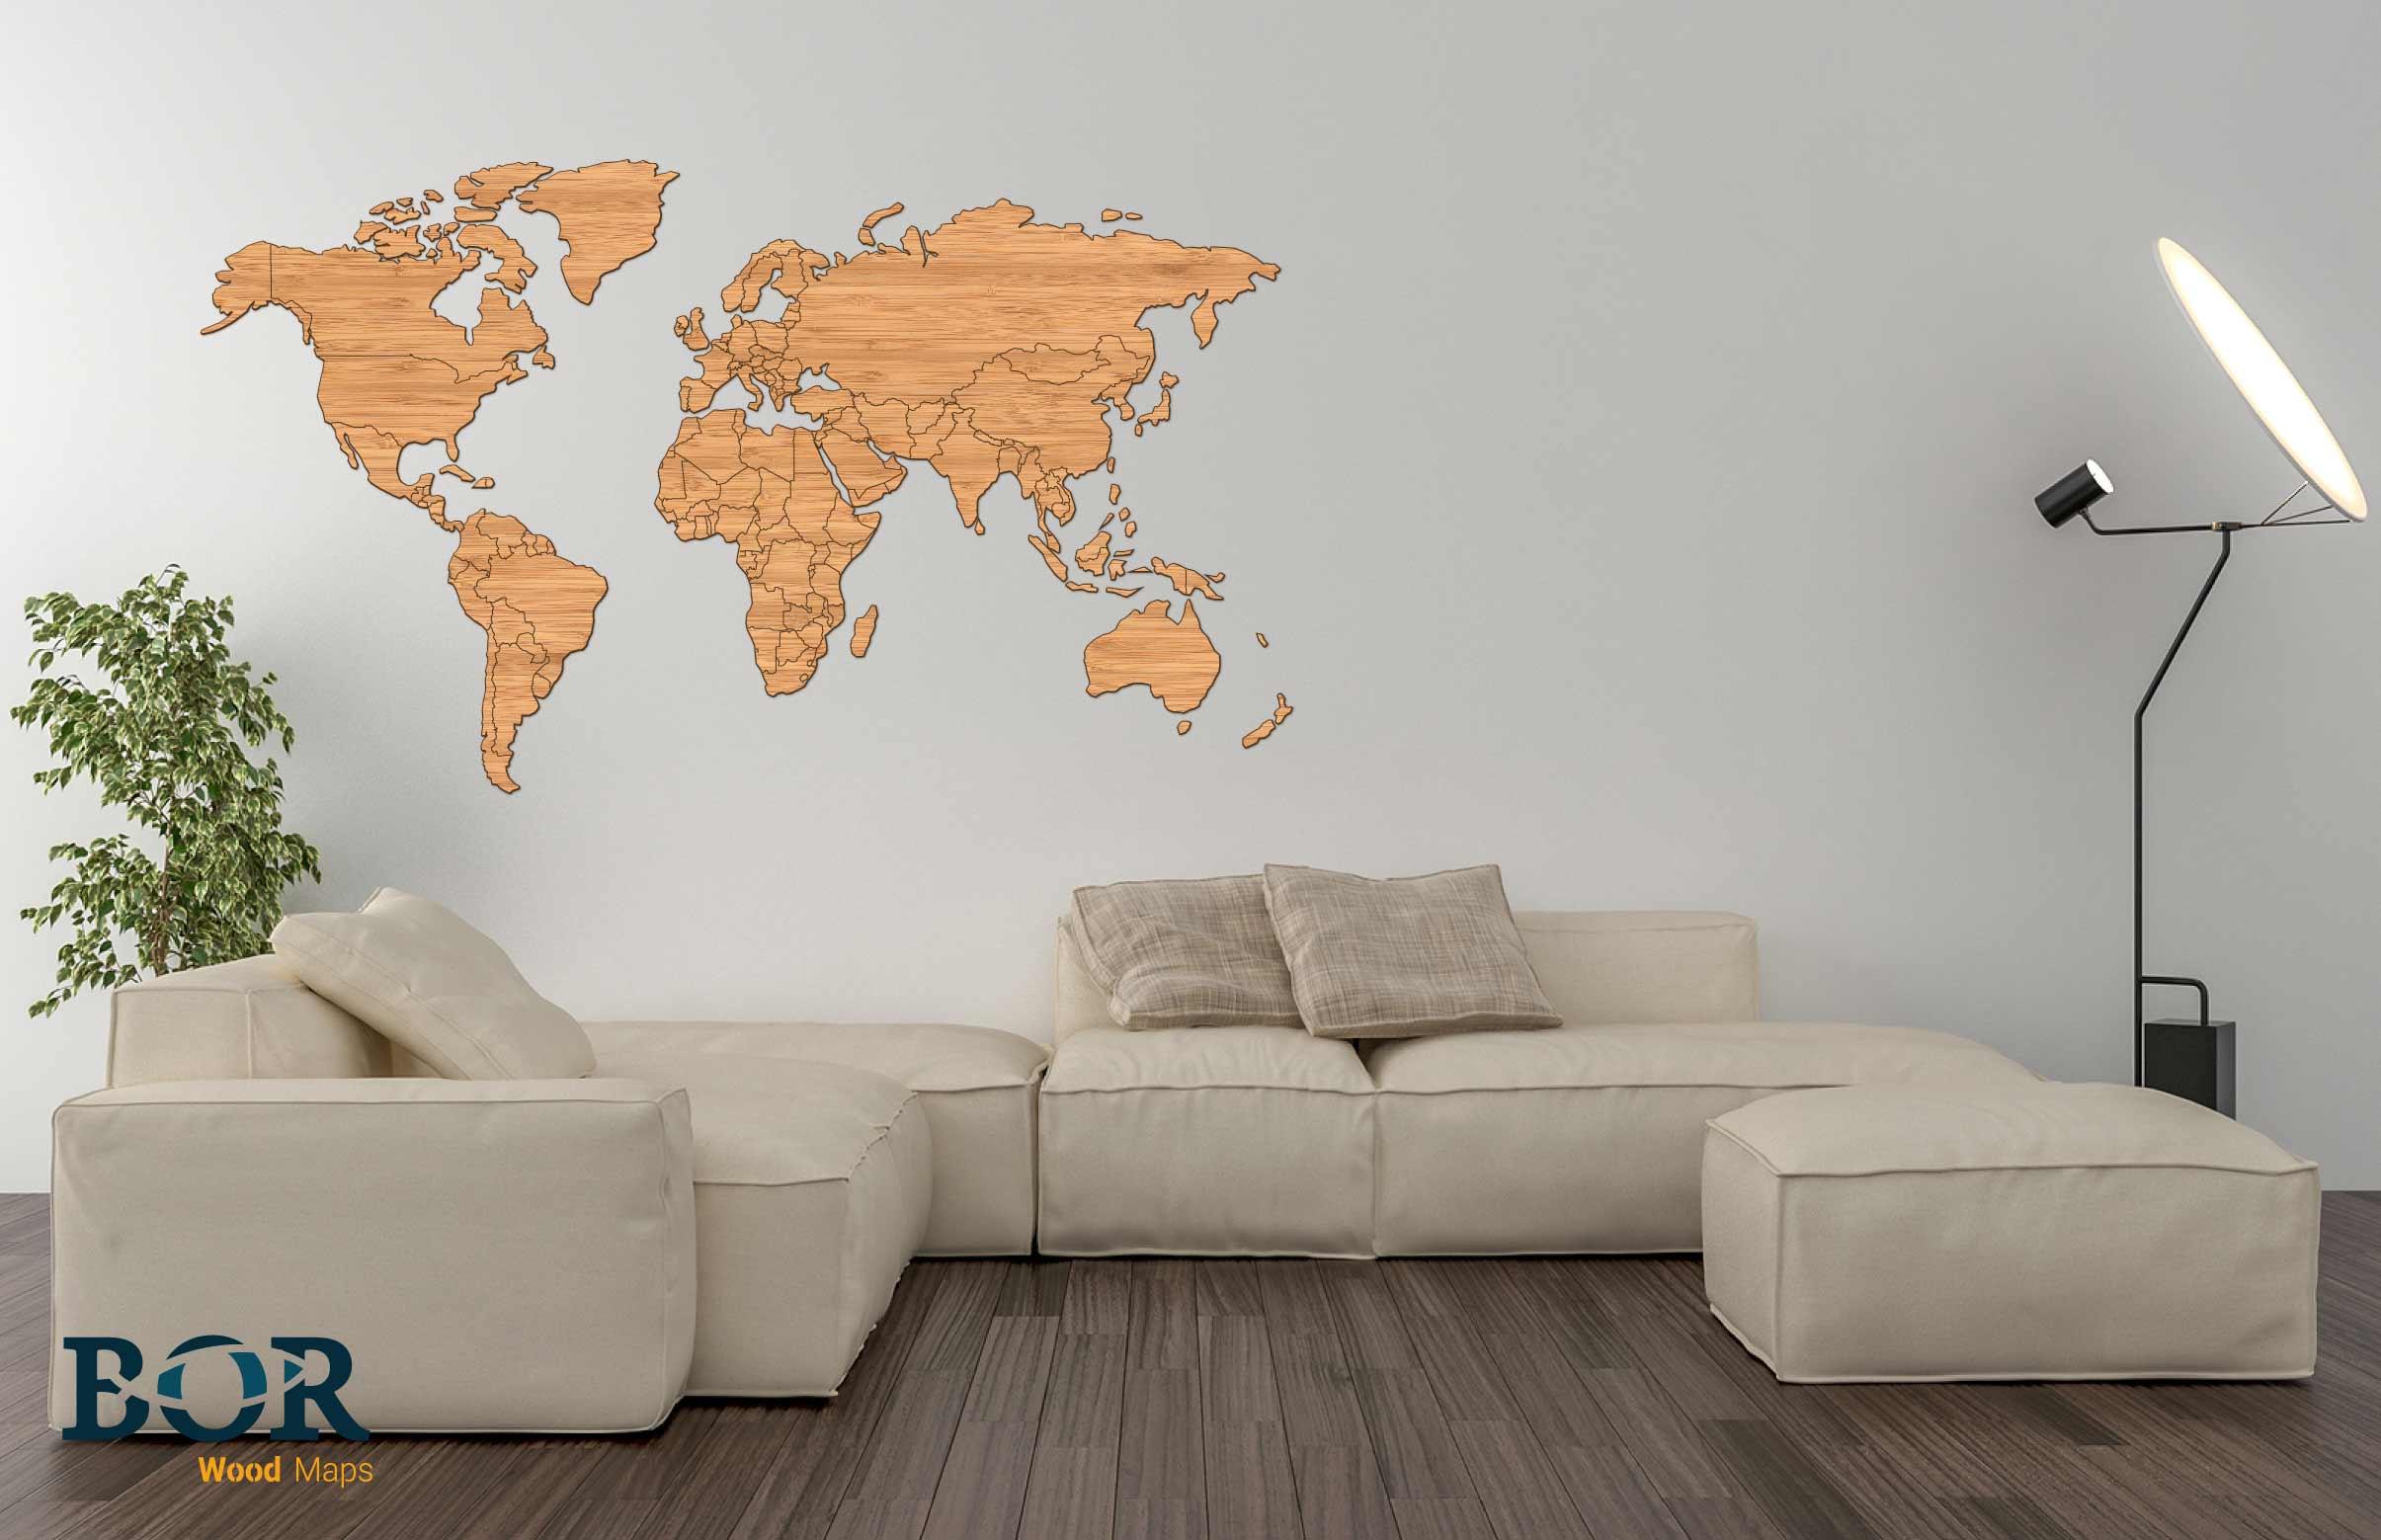 Woonkamer Met Wereldkaart : Wereldkaart u bor lasertechniek